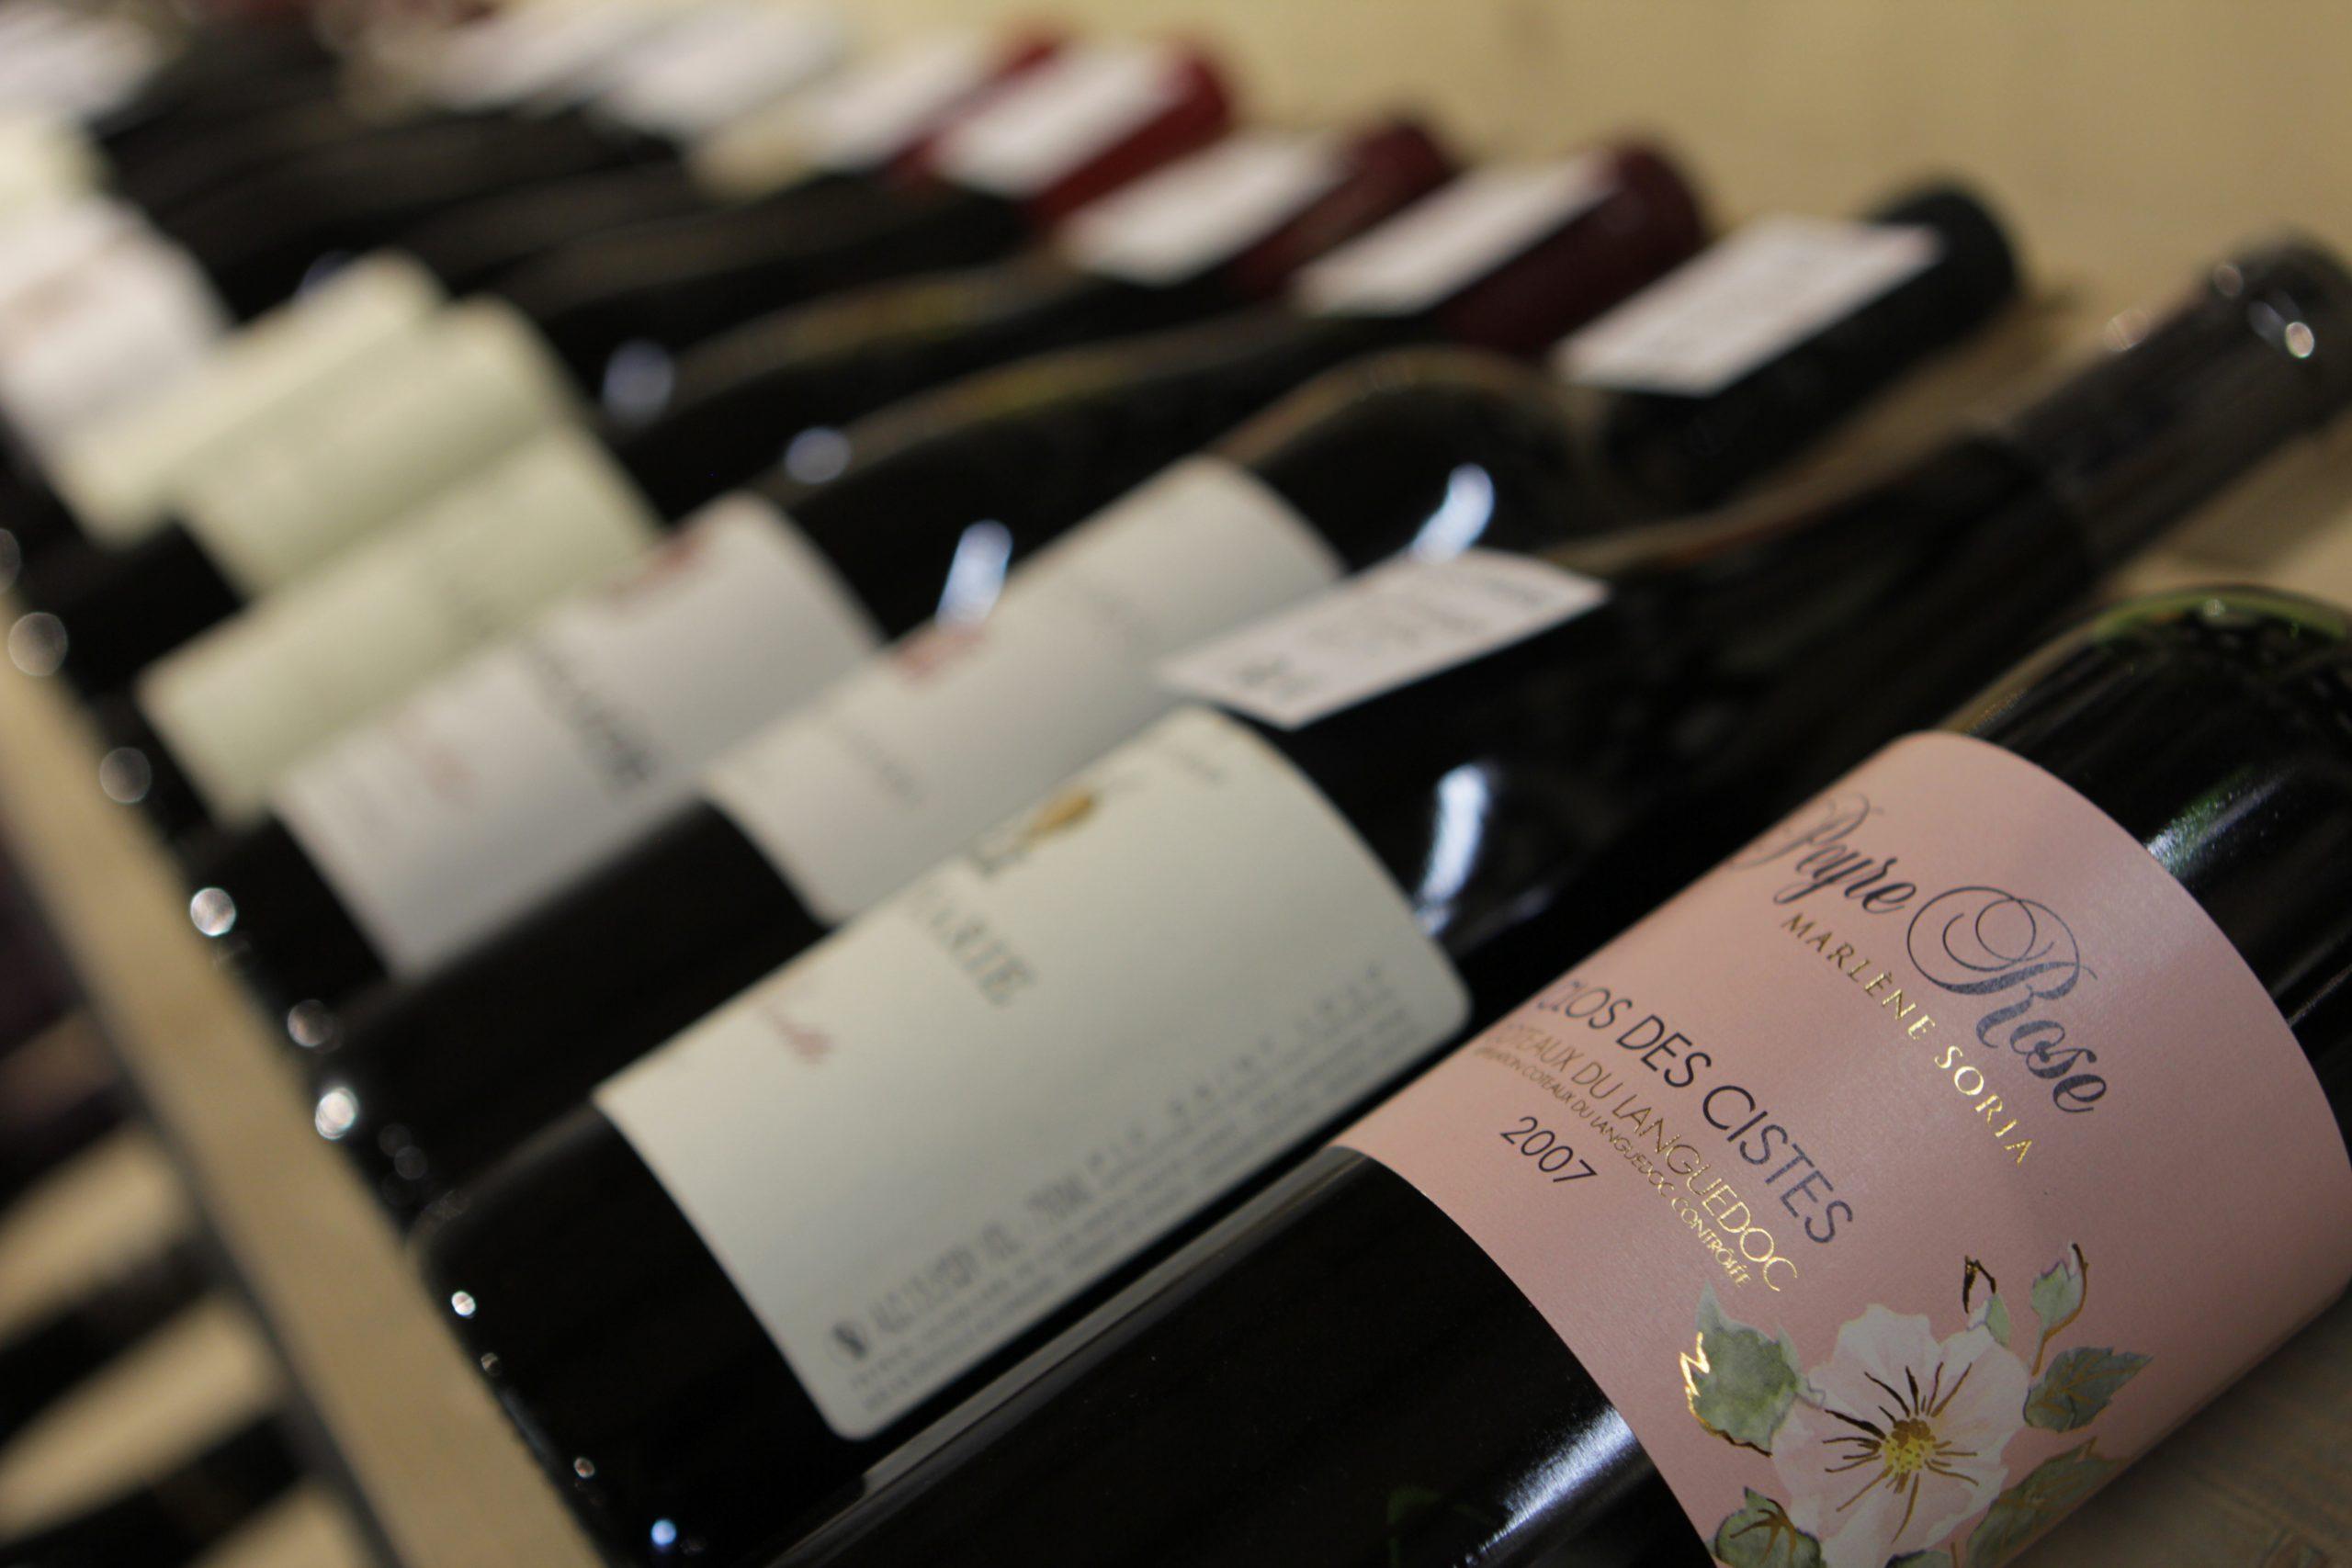 vins du languedoc lignane